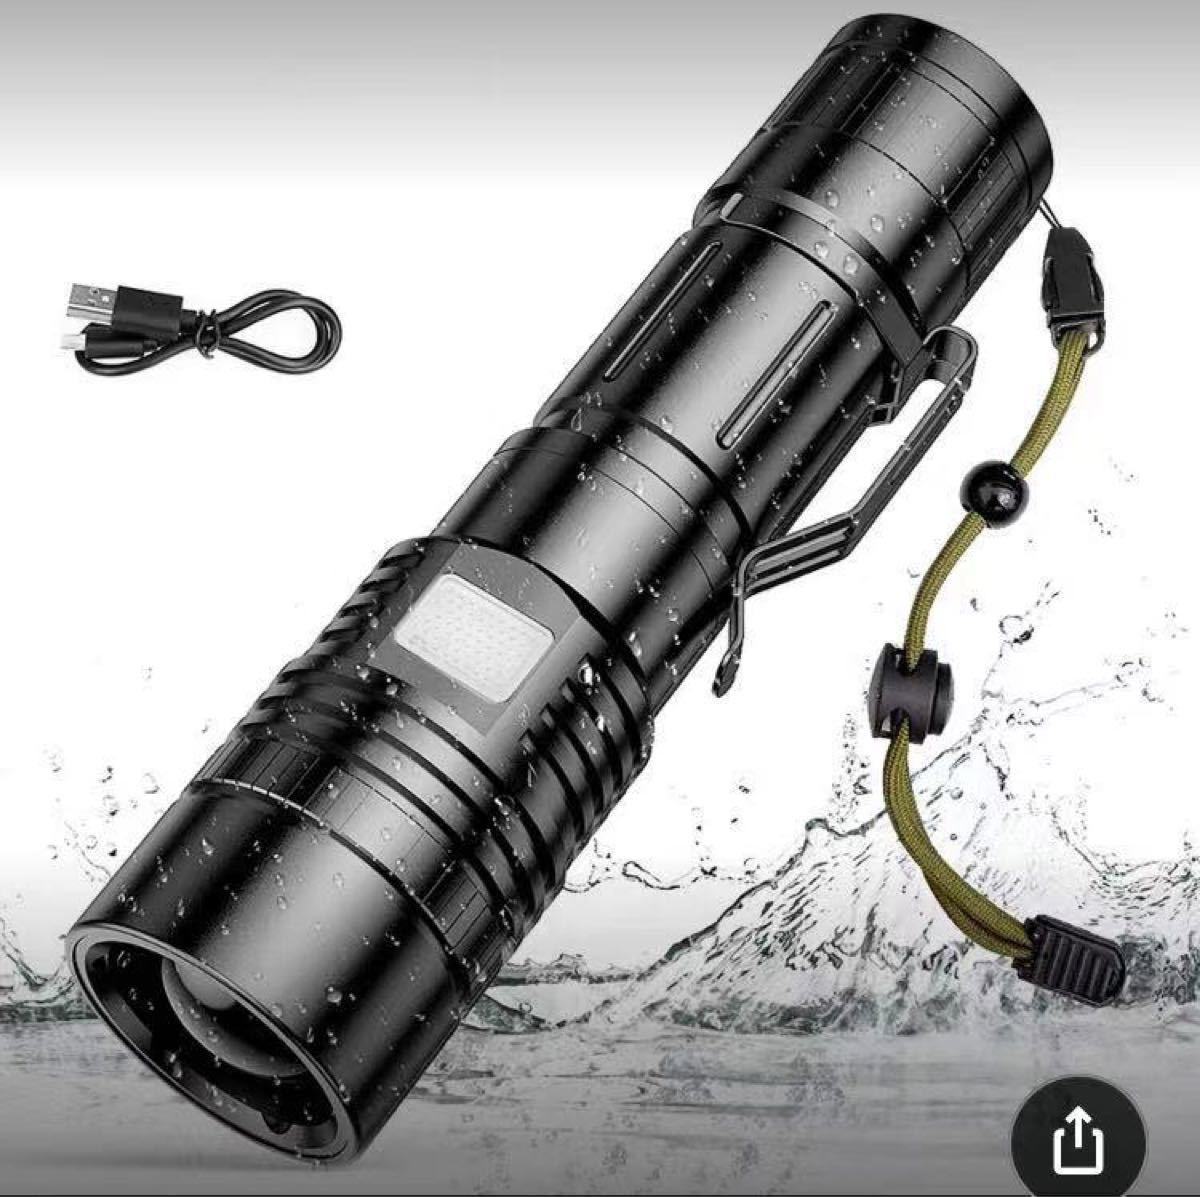 懐中電灯 充電式 高輝度 LEDライト ハンディライト 強力 LED懐中電灯 防災グッズ